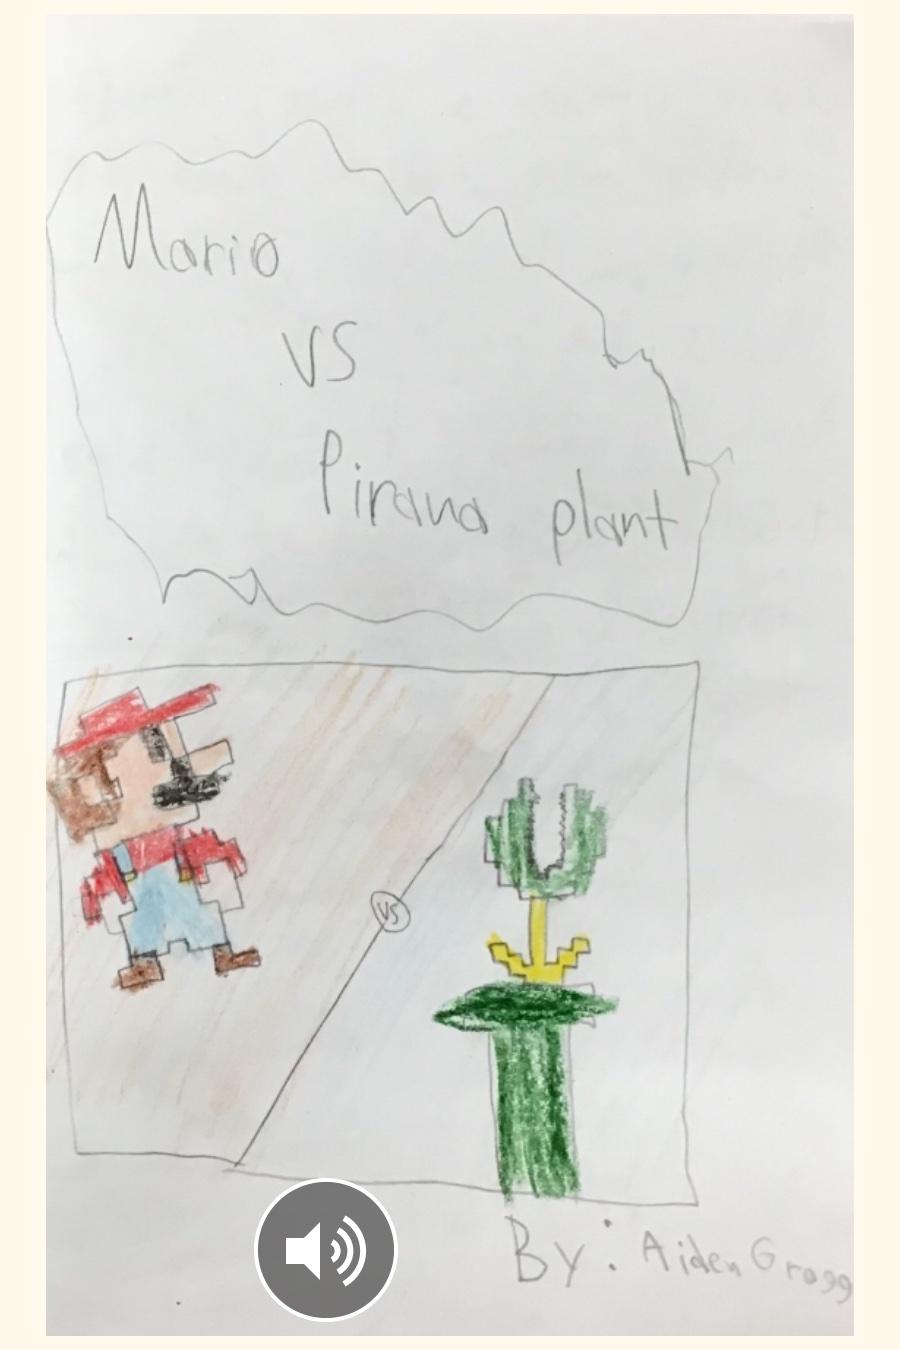 Mario vs. Pirana Plant